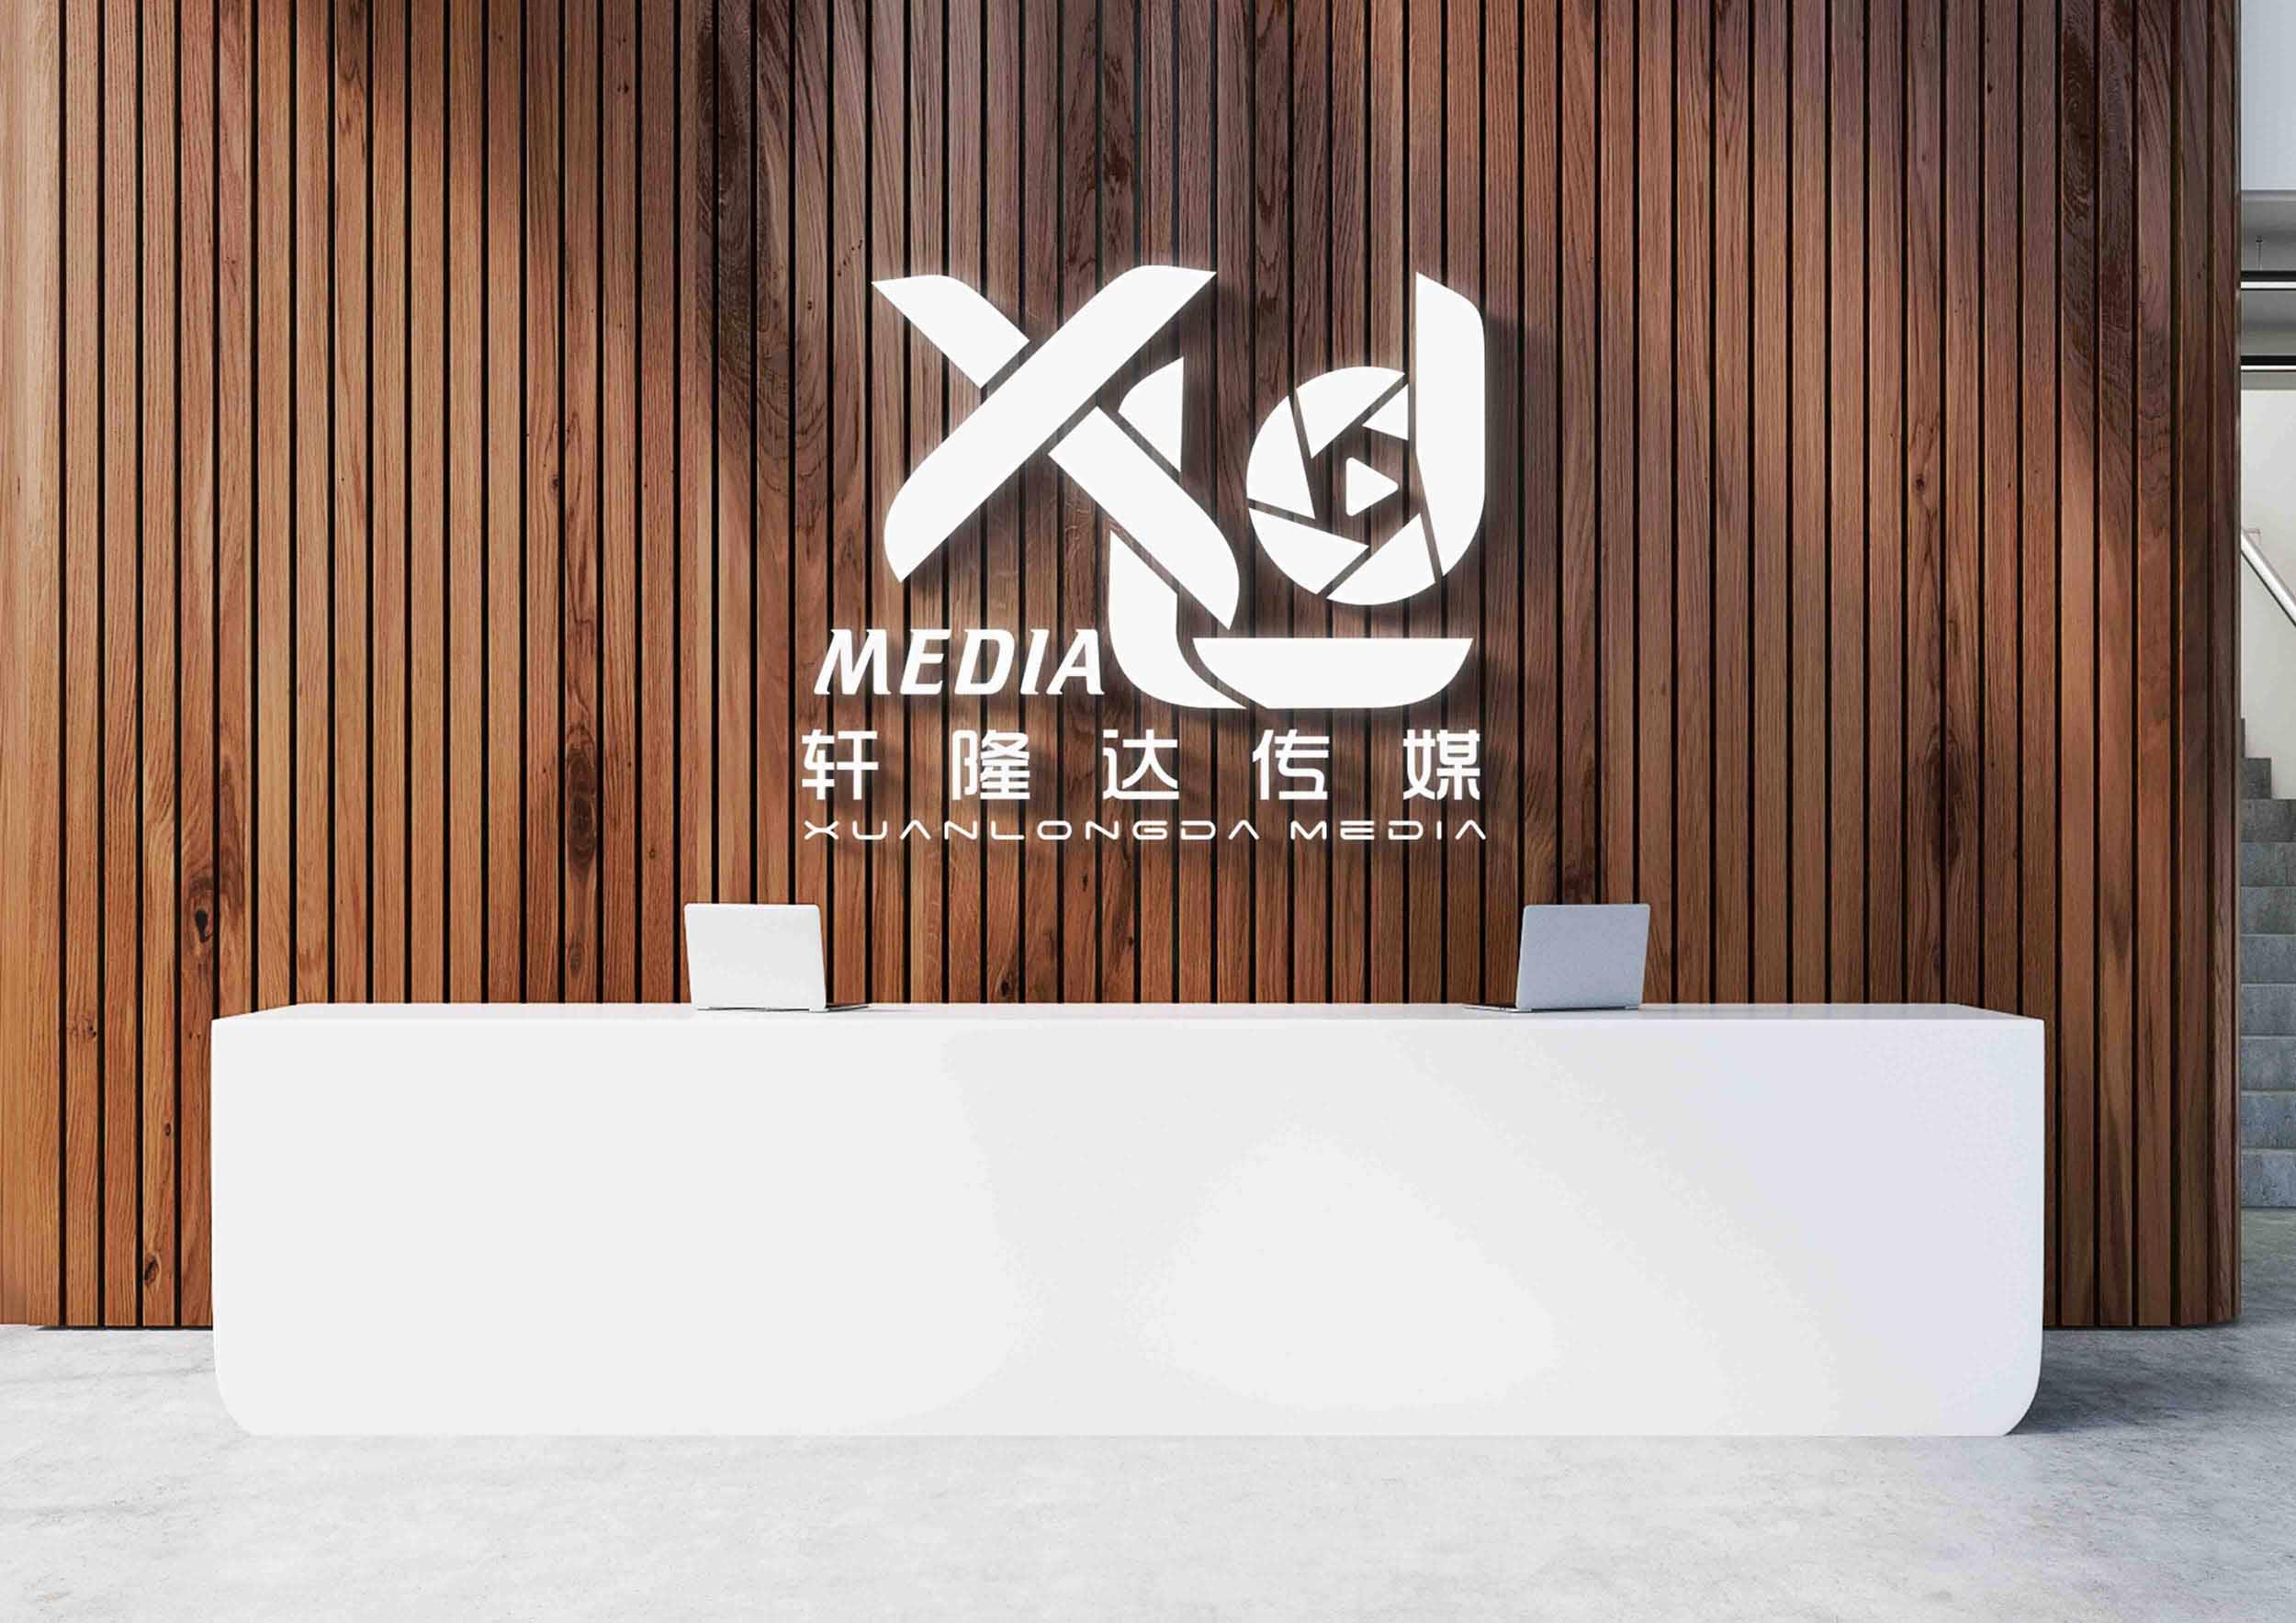 轩隆达传媒logo设计_3032822_k68威客网